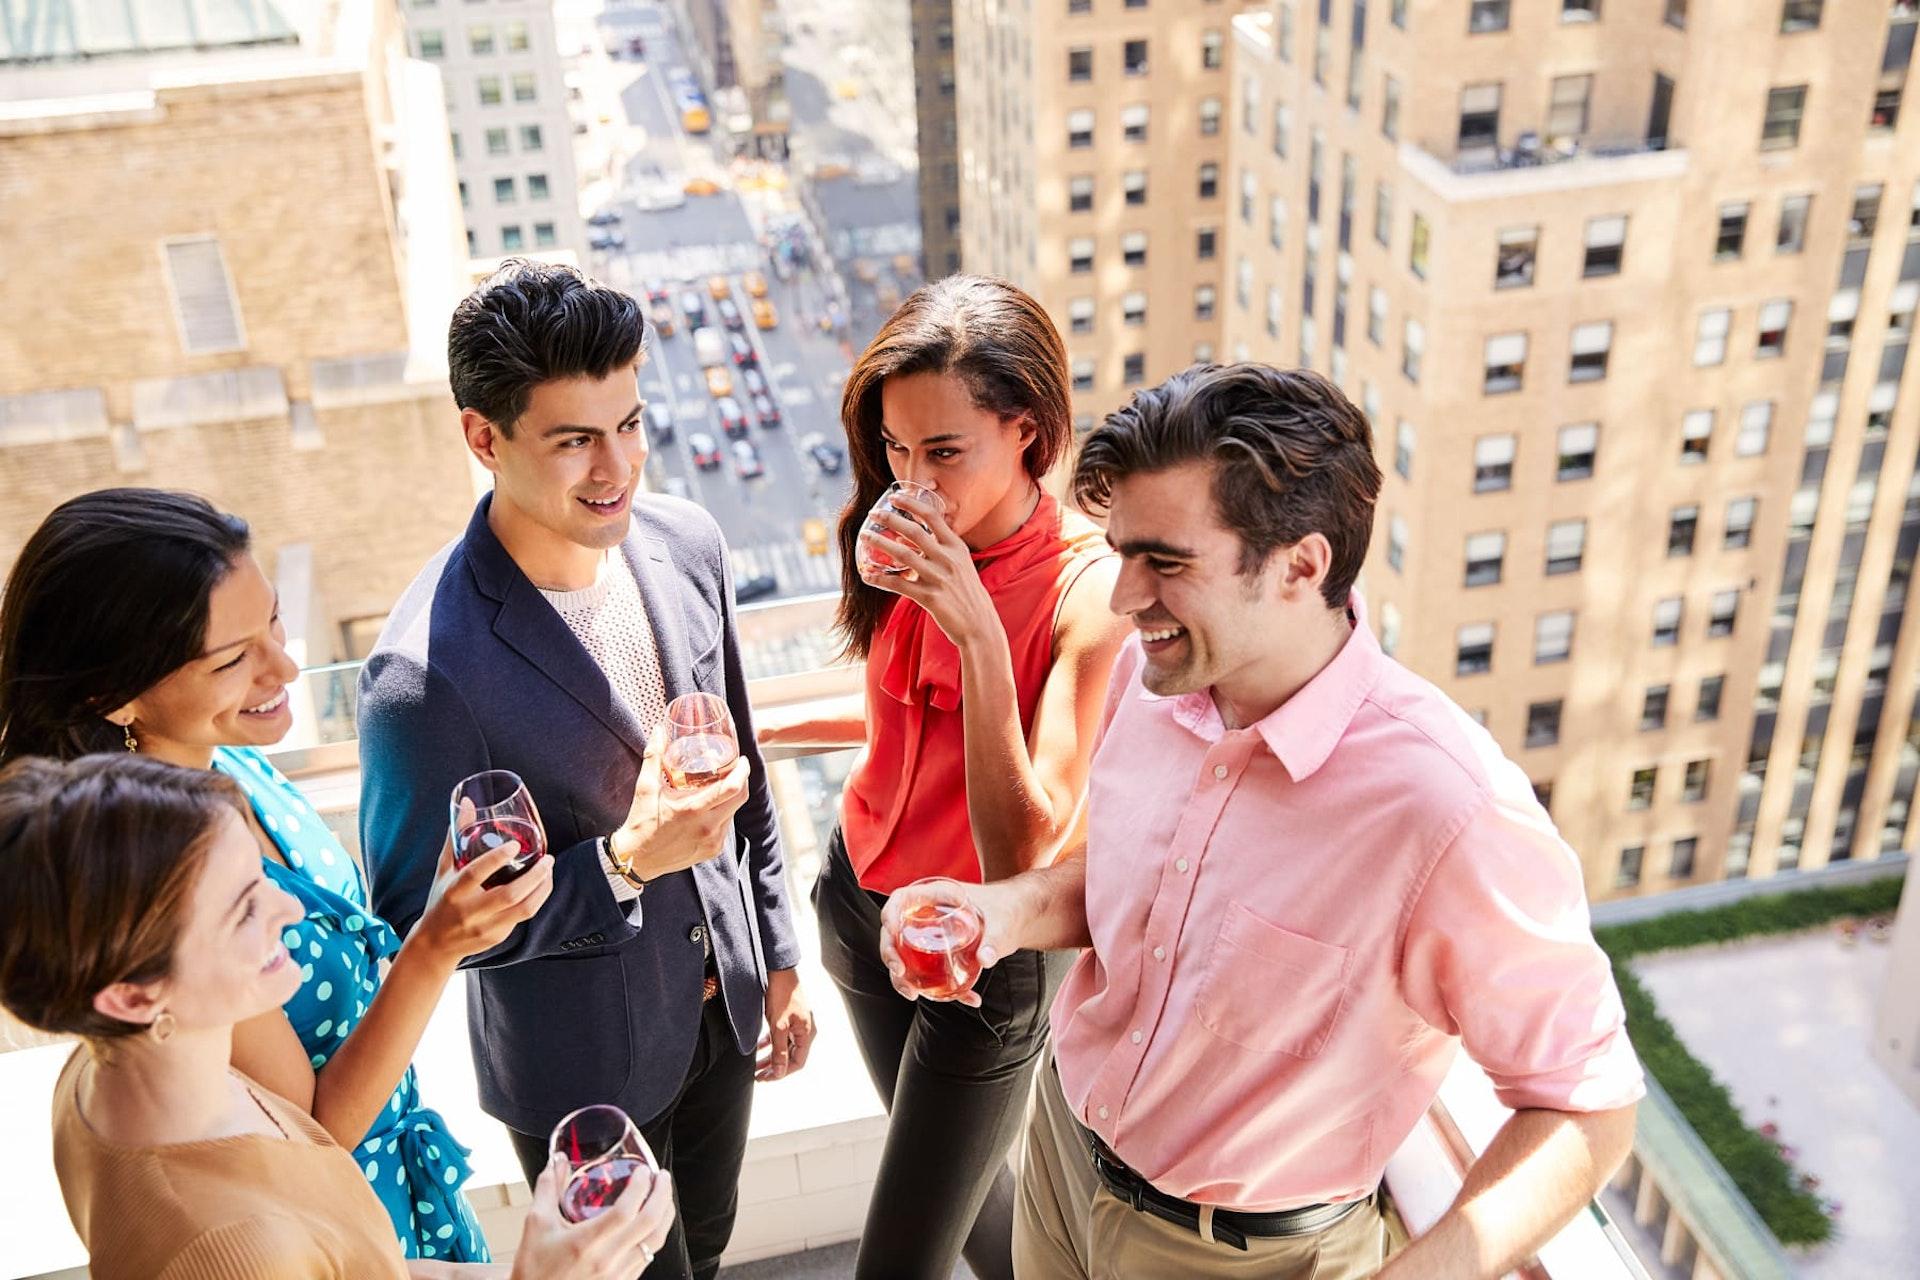 Friends drinking wine on terrace